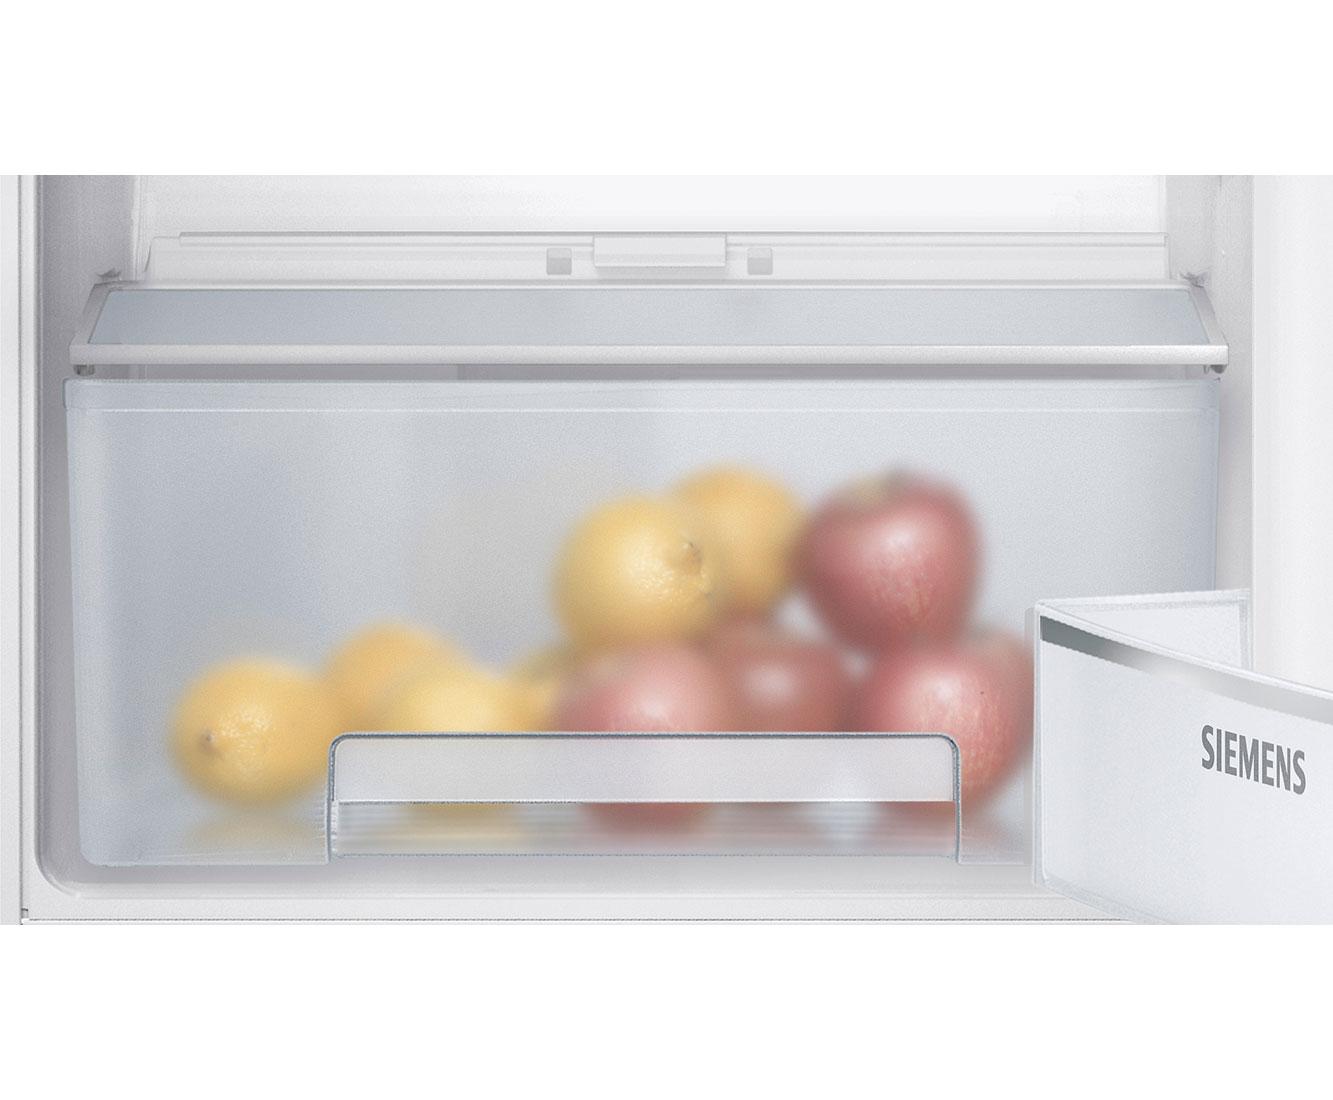 Siemens Kühlschrank Gemüsefach : Siemens iq ki rv einbau kühlschrank er nische festtür